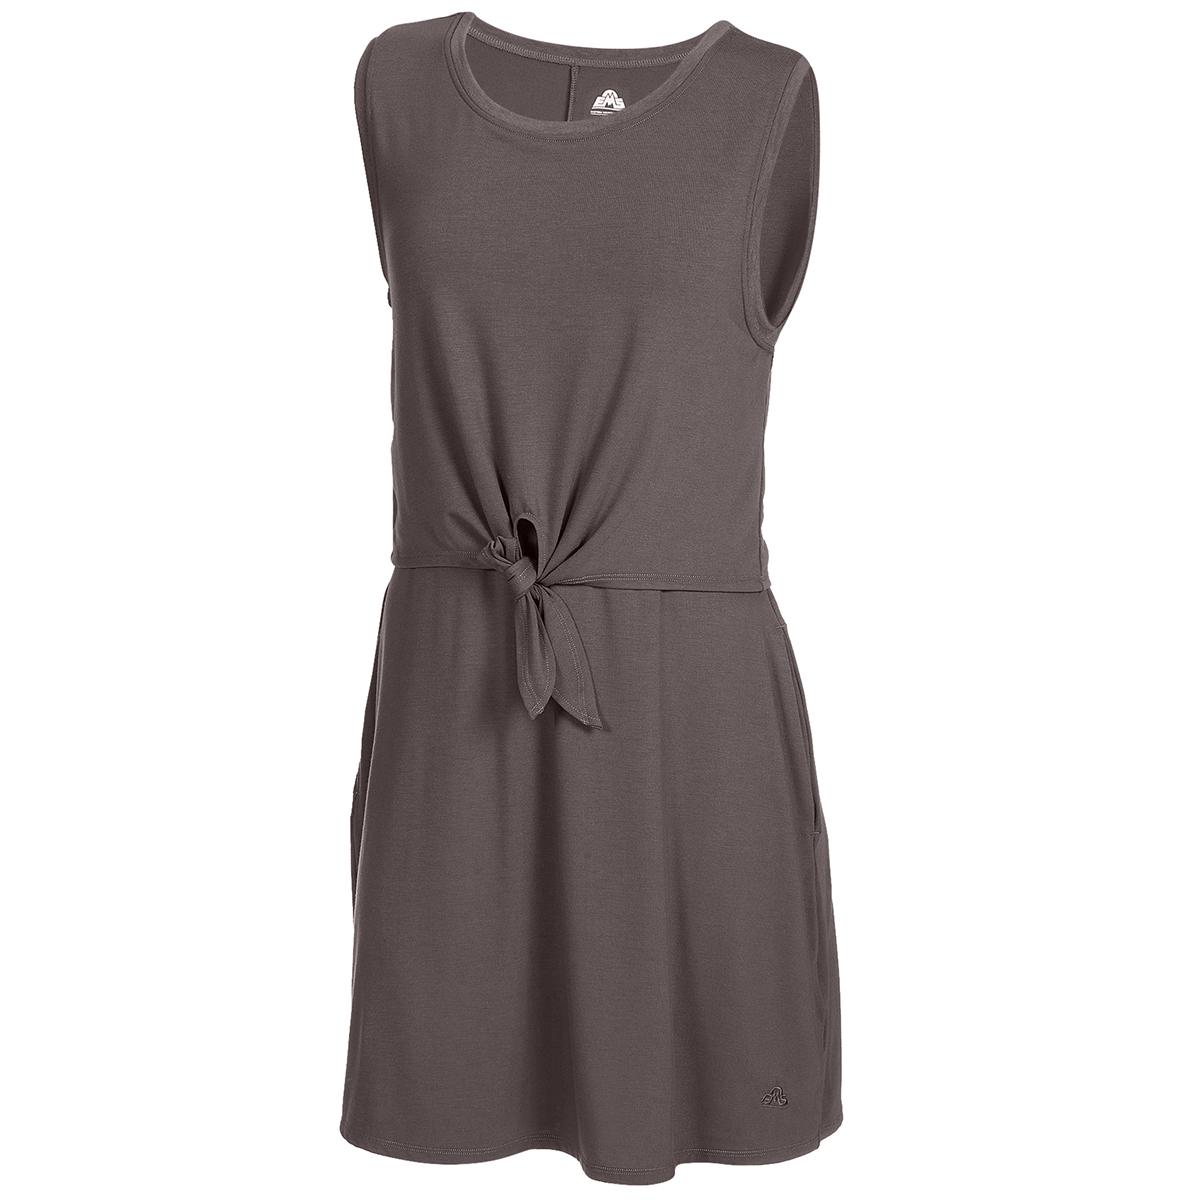 Ems Women's Highland Flounce Dress - Brown, XS